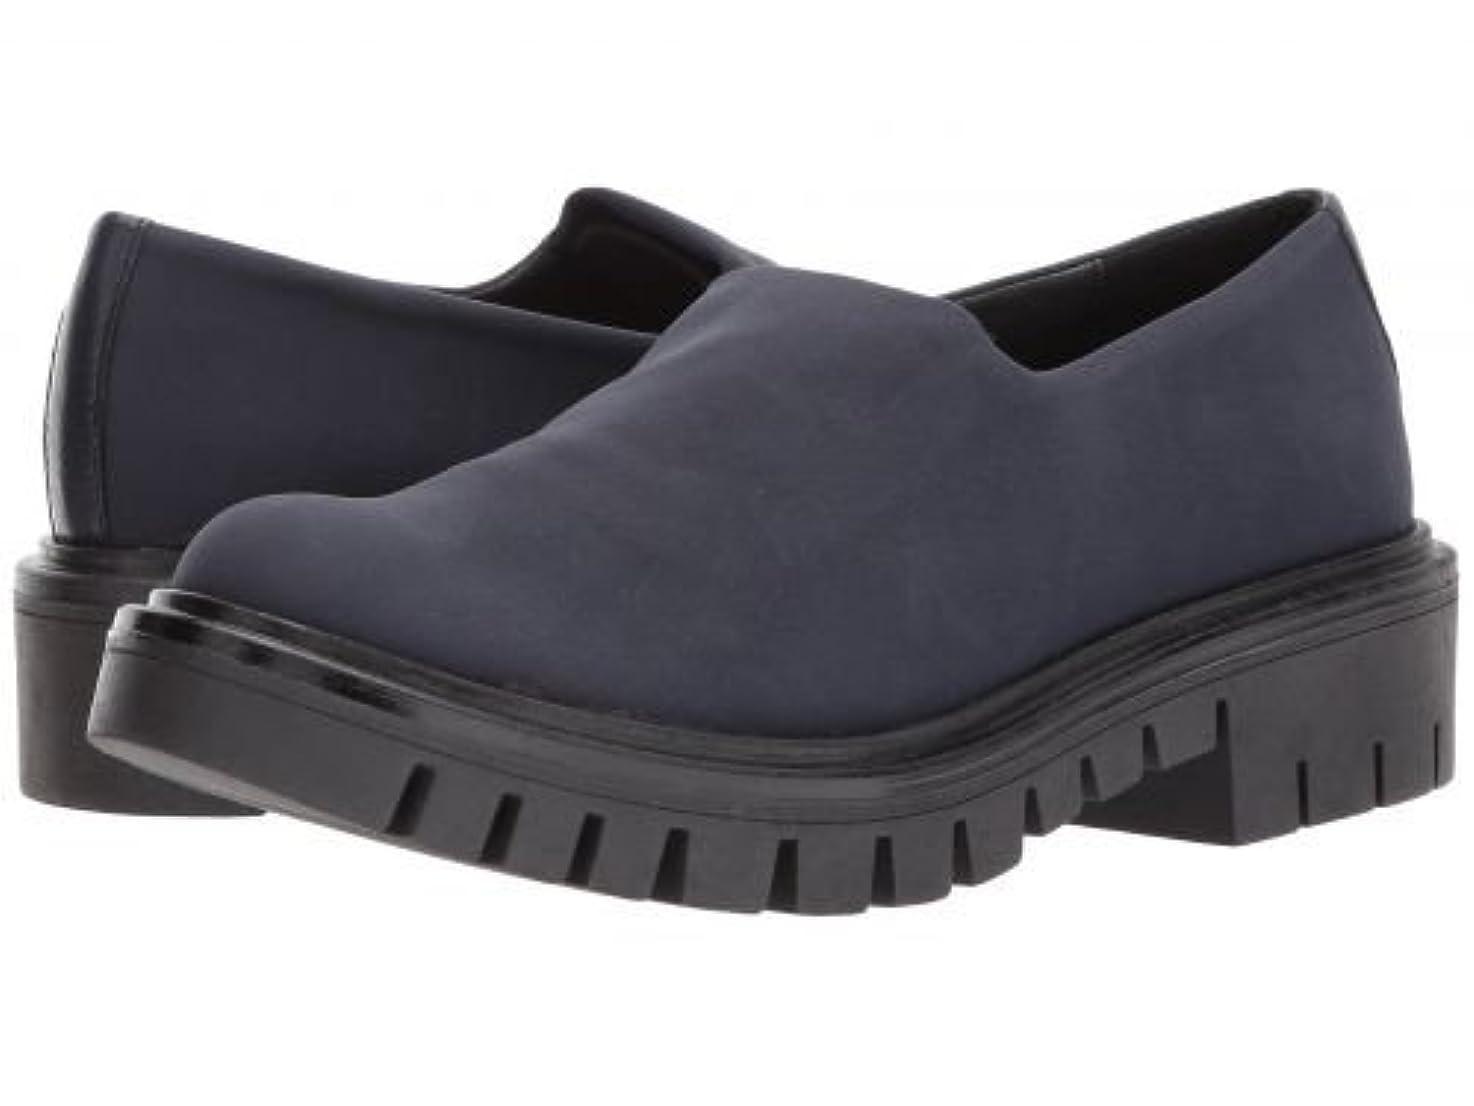 受信ふけるサスペンションShellys London(シェリーズロンドン) レディース 女性用 シューズ 靴 ローファー ボートシューズ Karen - Navy 38 (US Women's 7.5) M [並行輸入品]